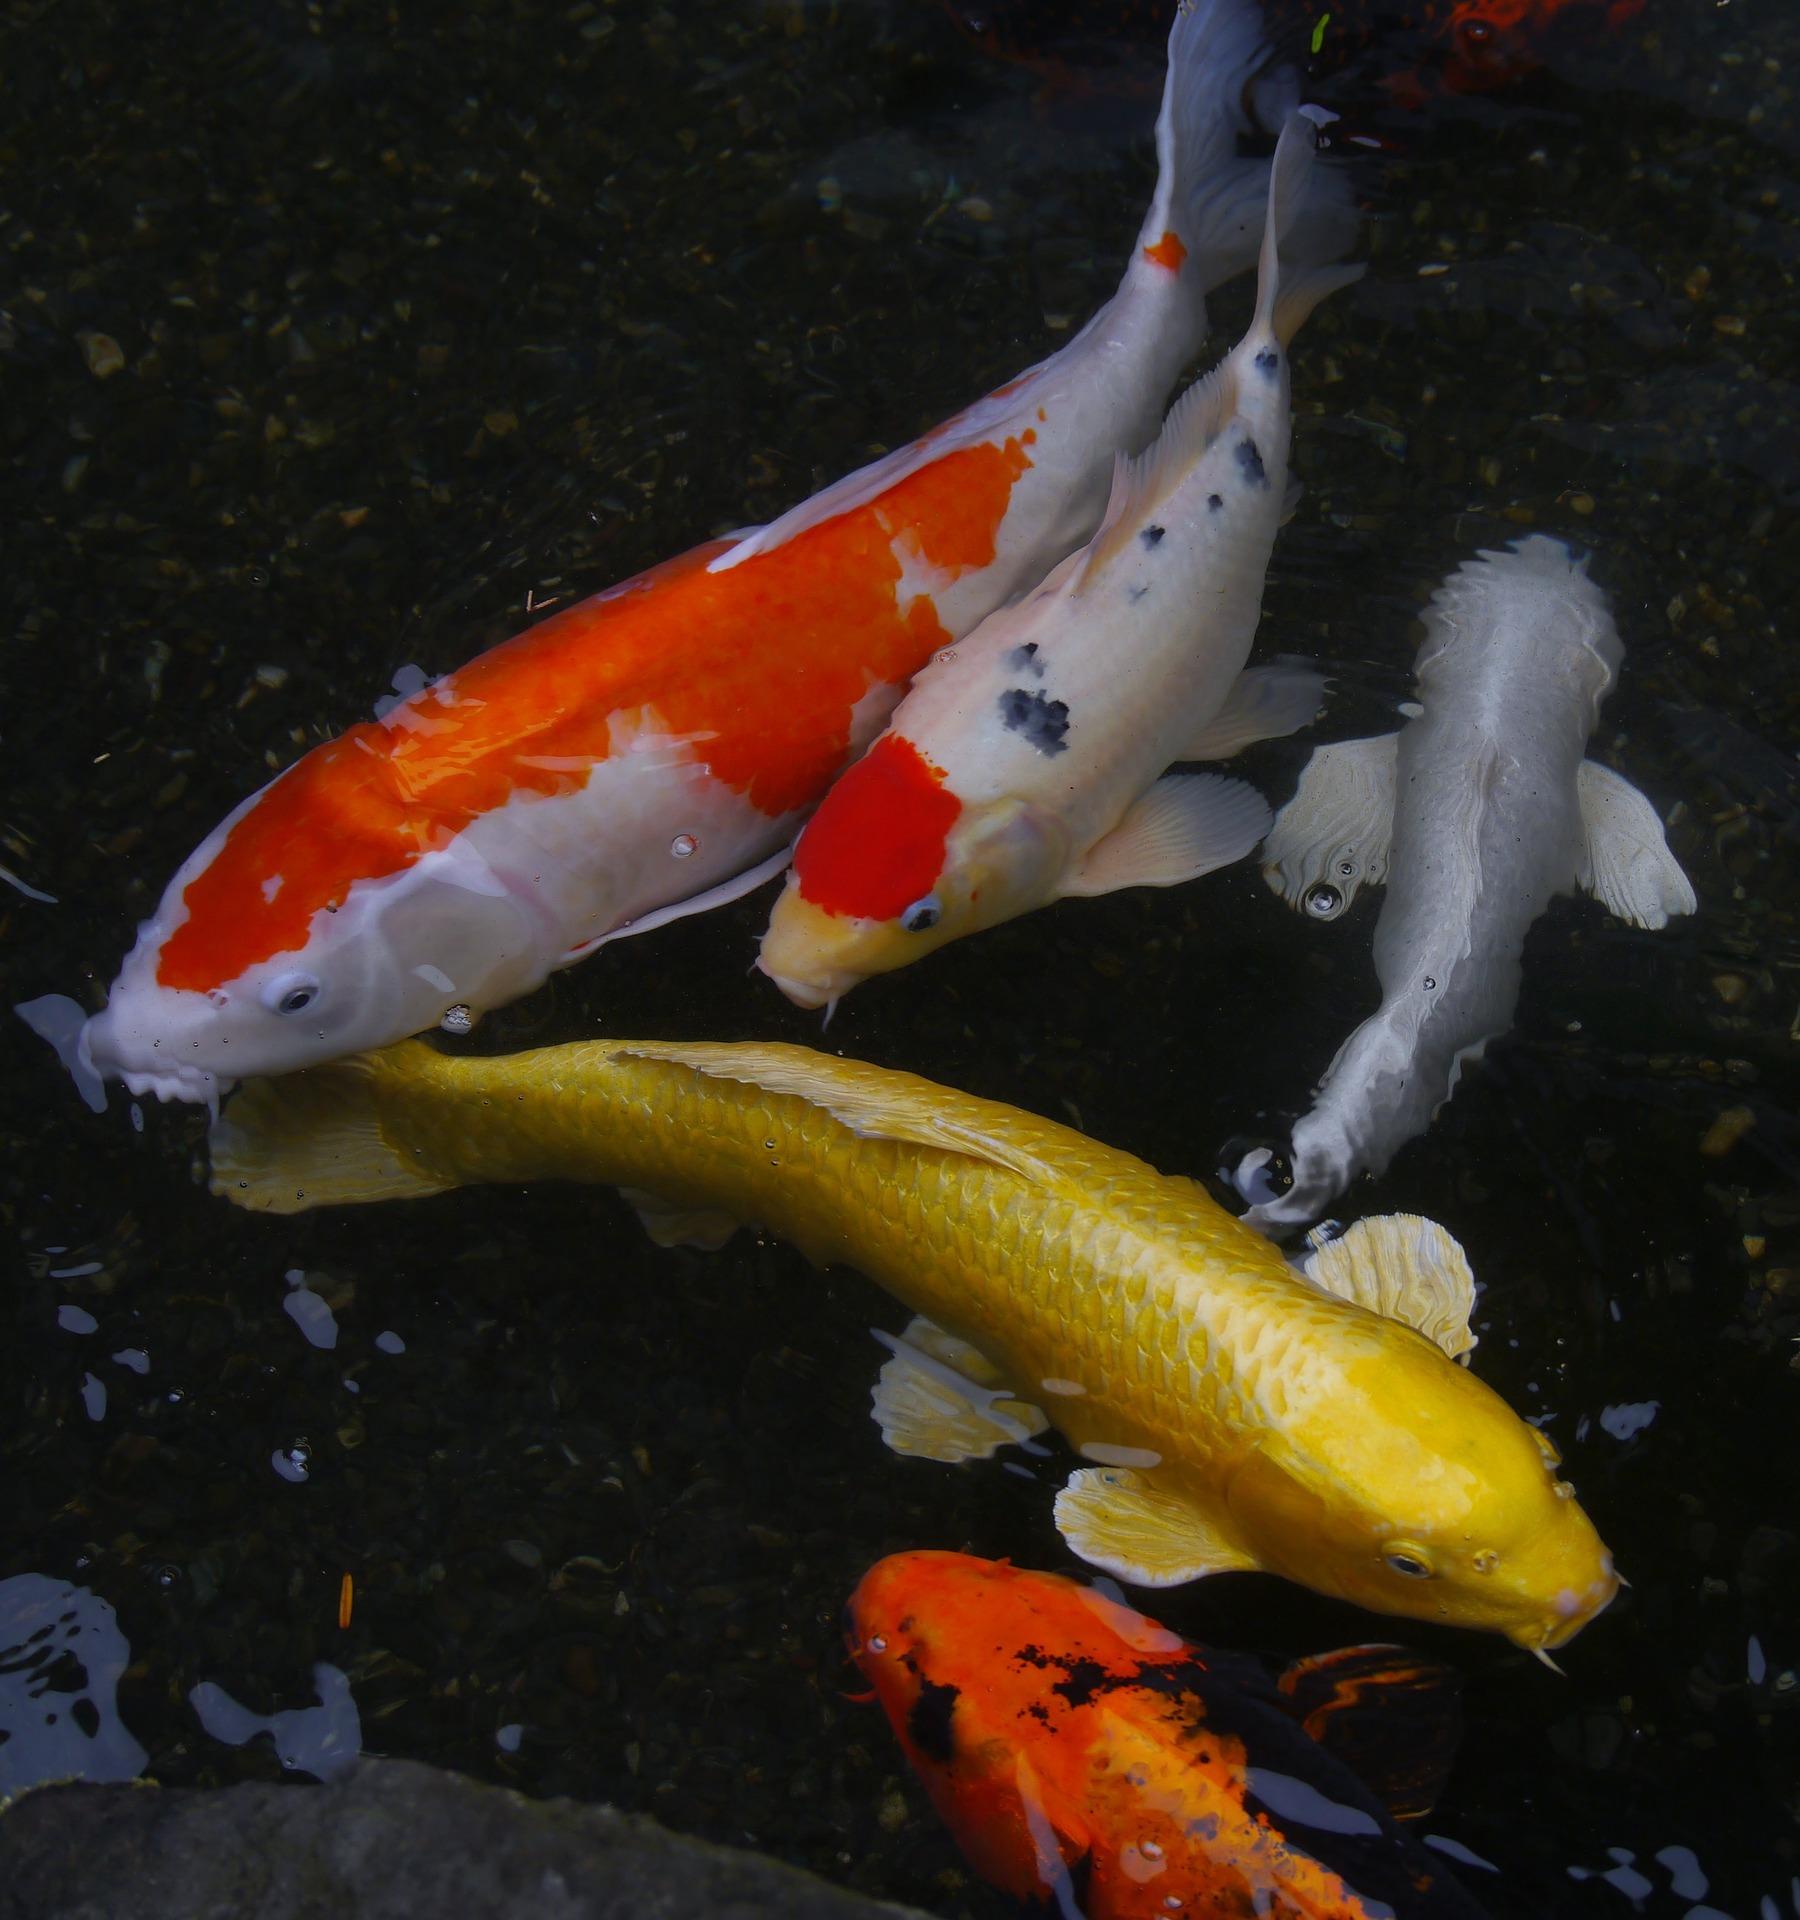 aquarium-fish-1447341_1920